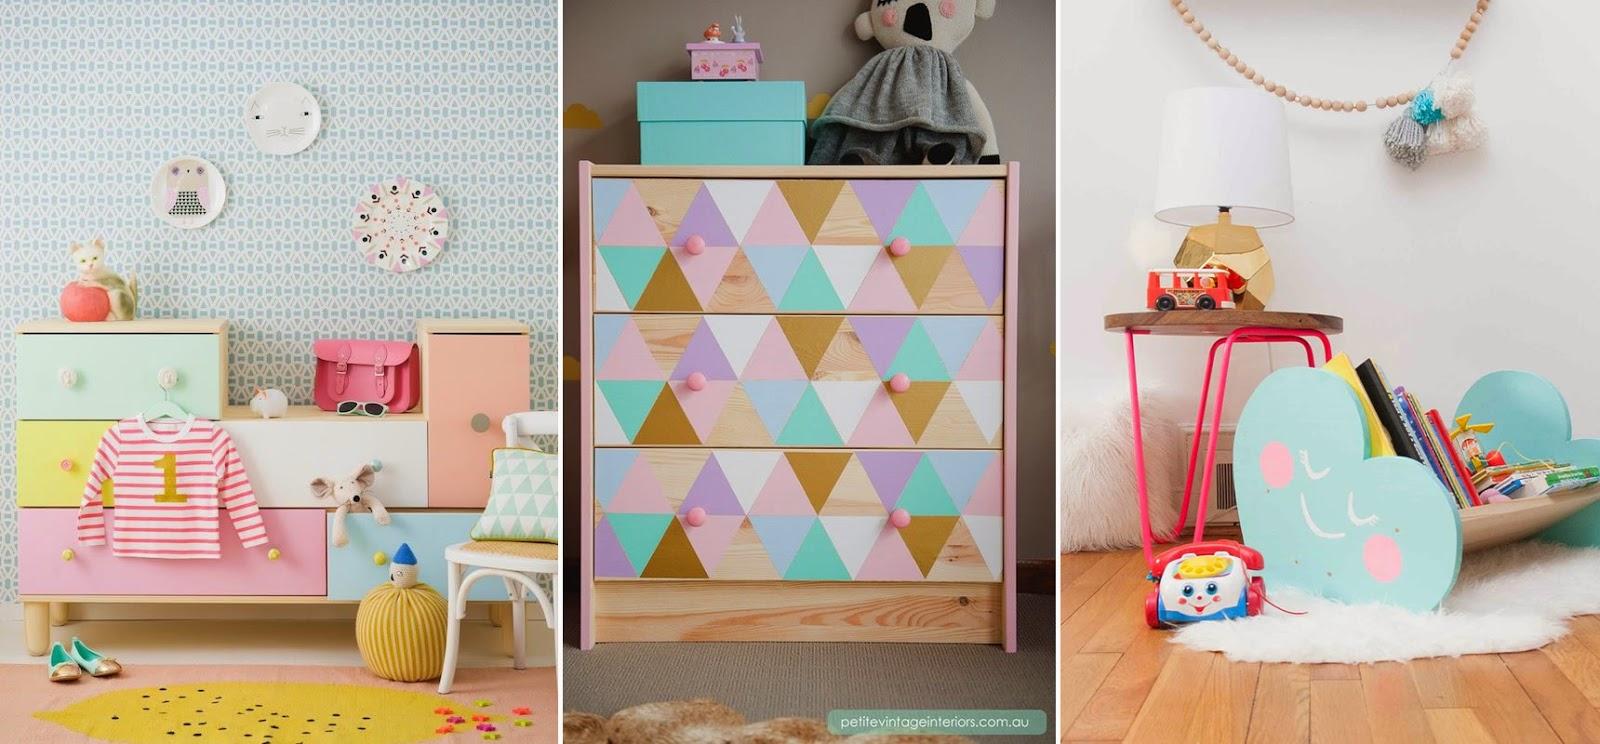 9 ideas para intervenir muebles infantiles m s chicos - Muebles infantiles europolis ...